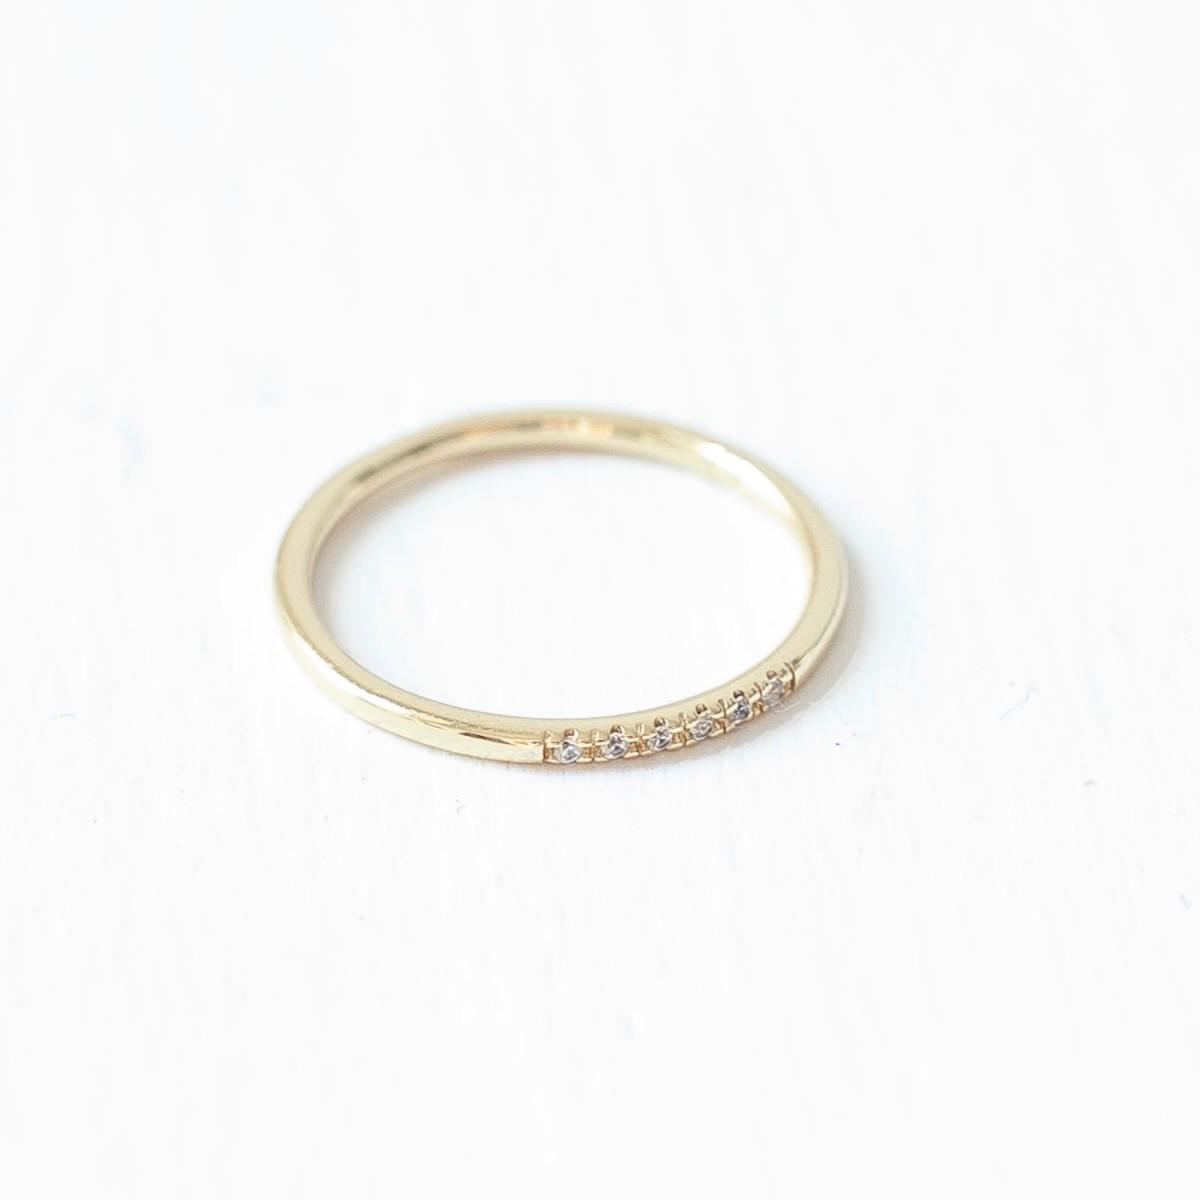 Oh Bracelet Berlin – Stapelring VI aus 925 Sterlingsilber vergoldet